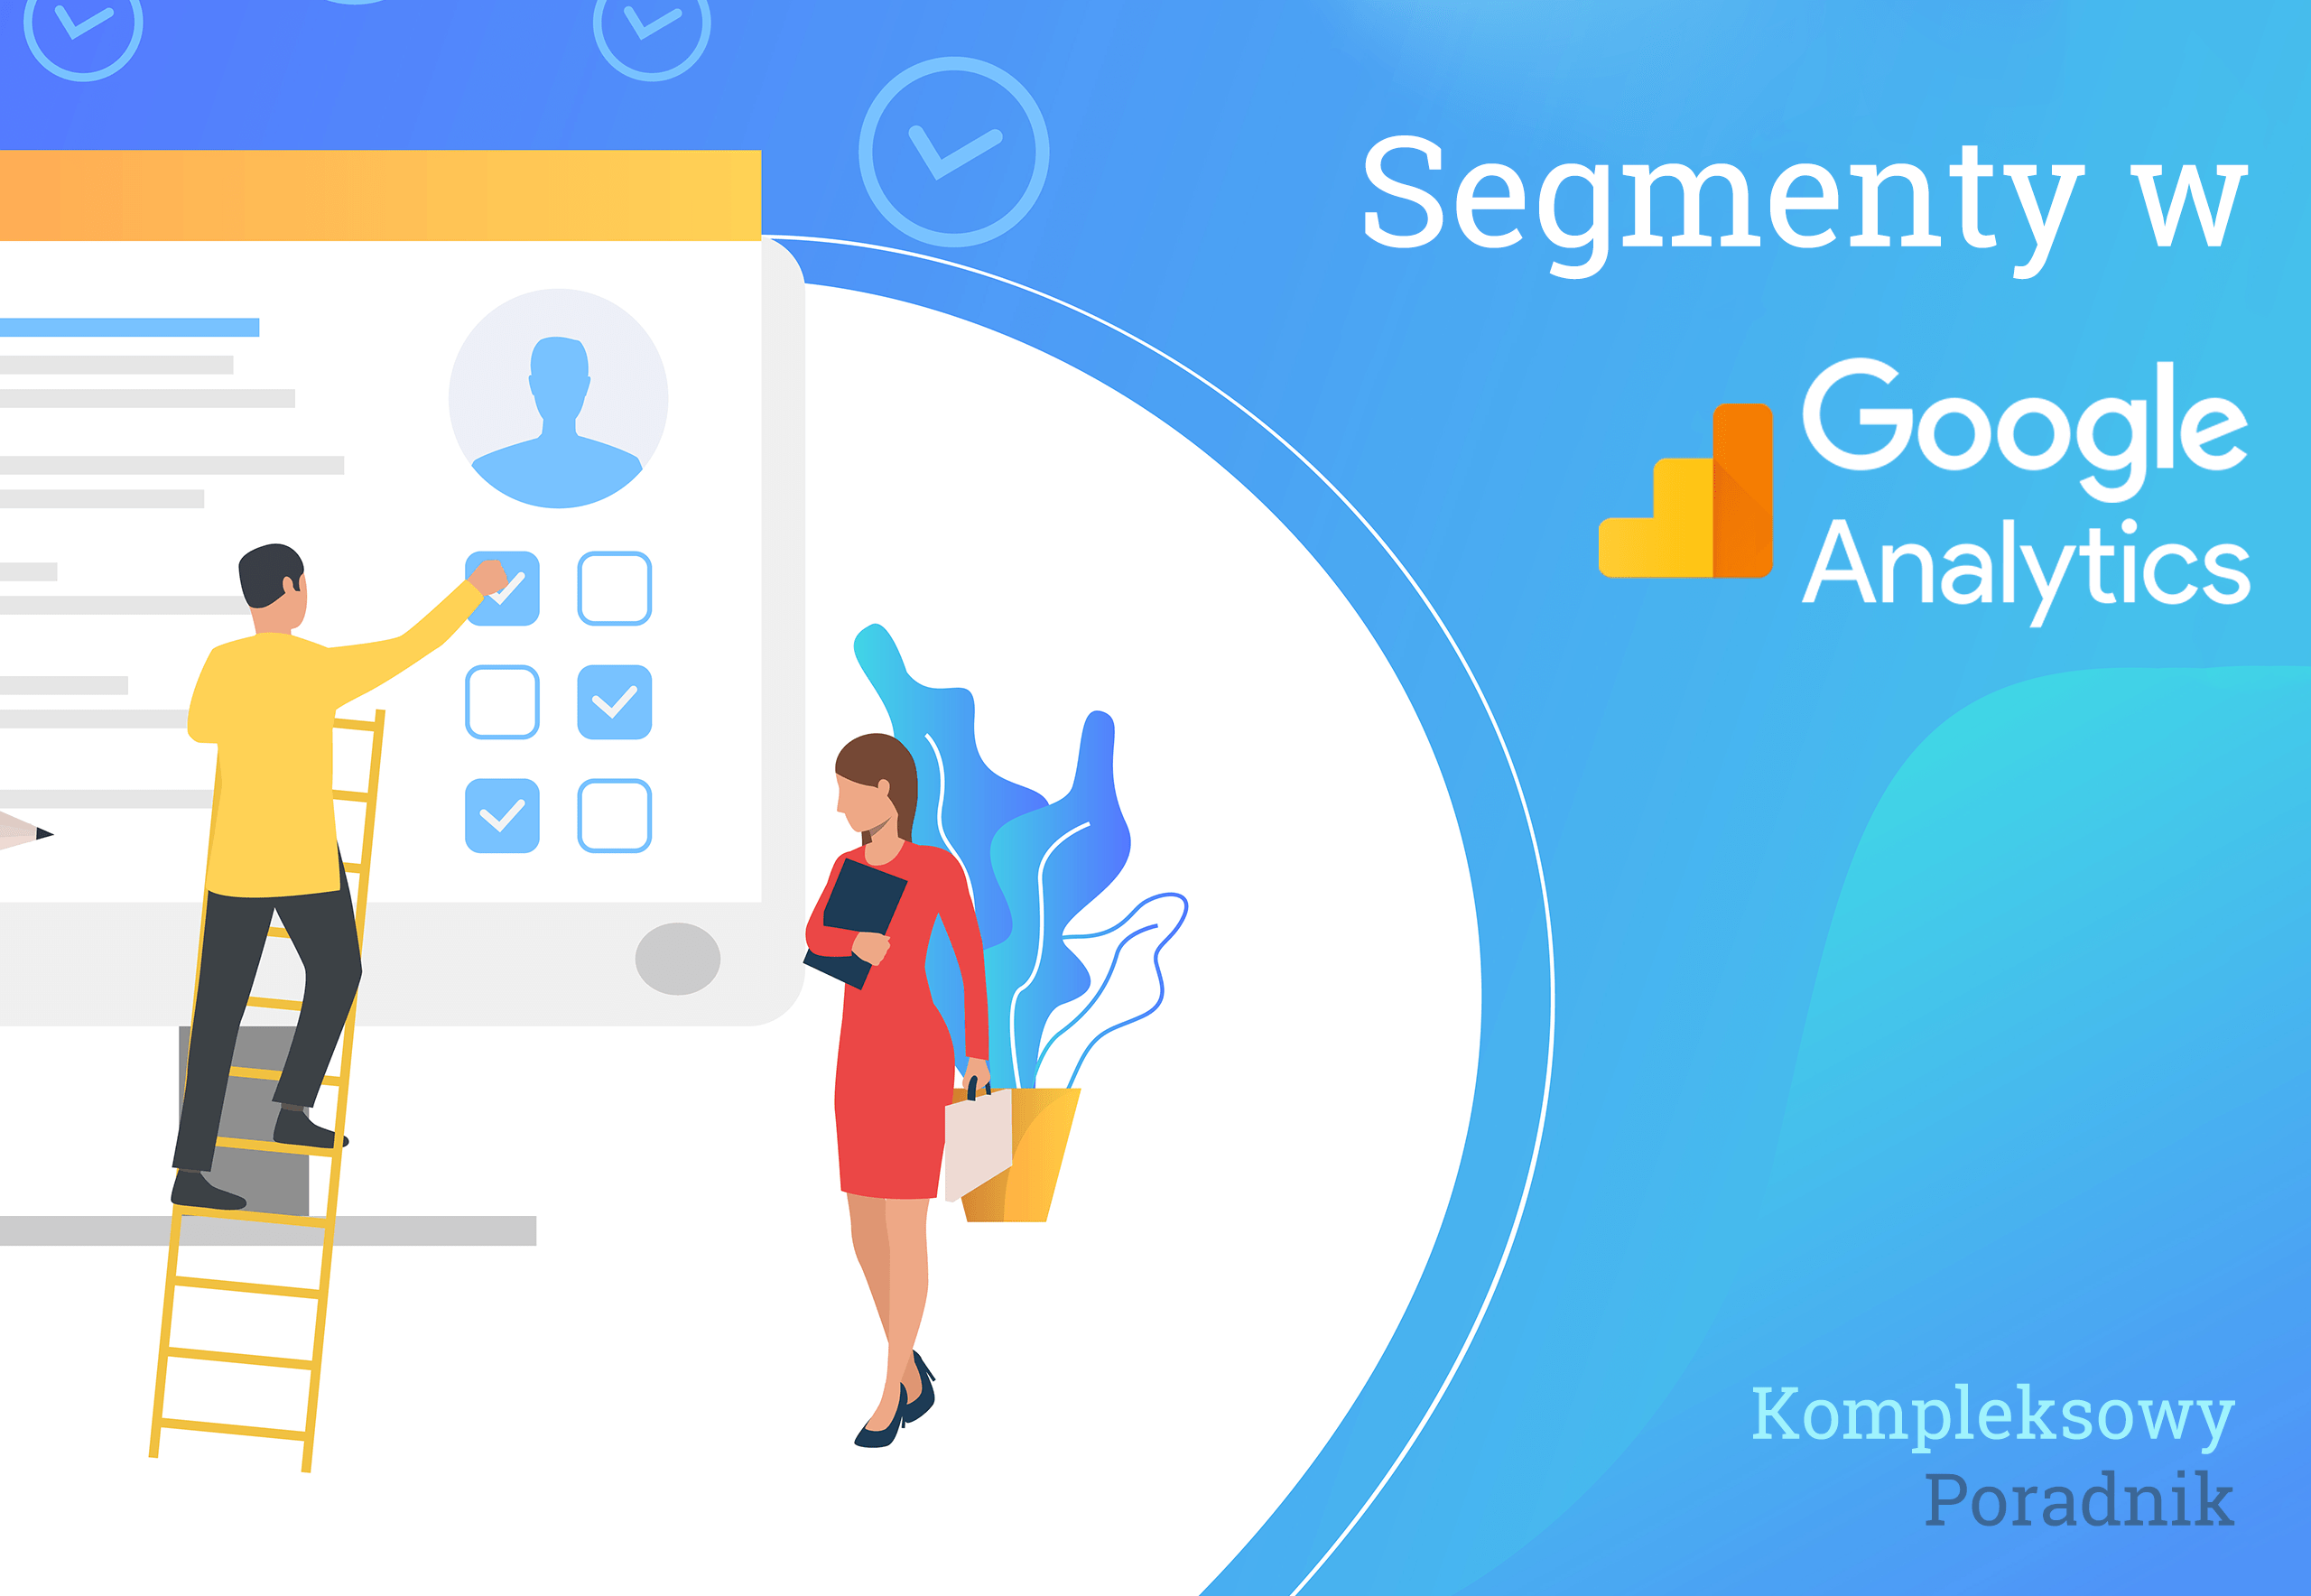 segmenty google analytics